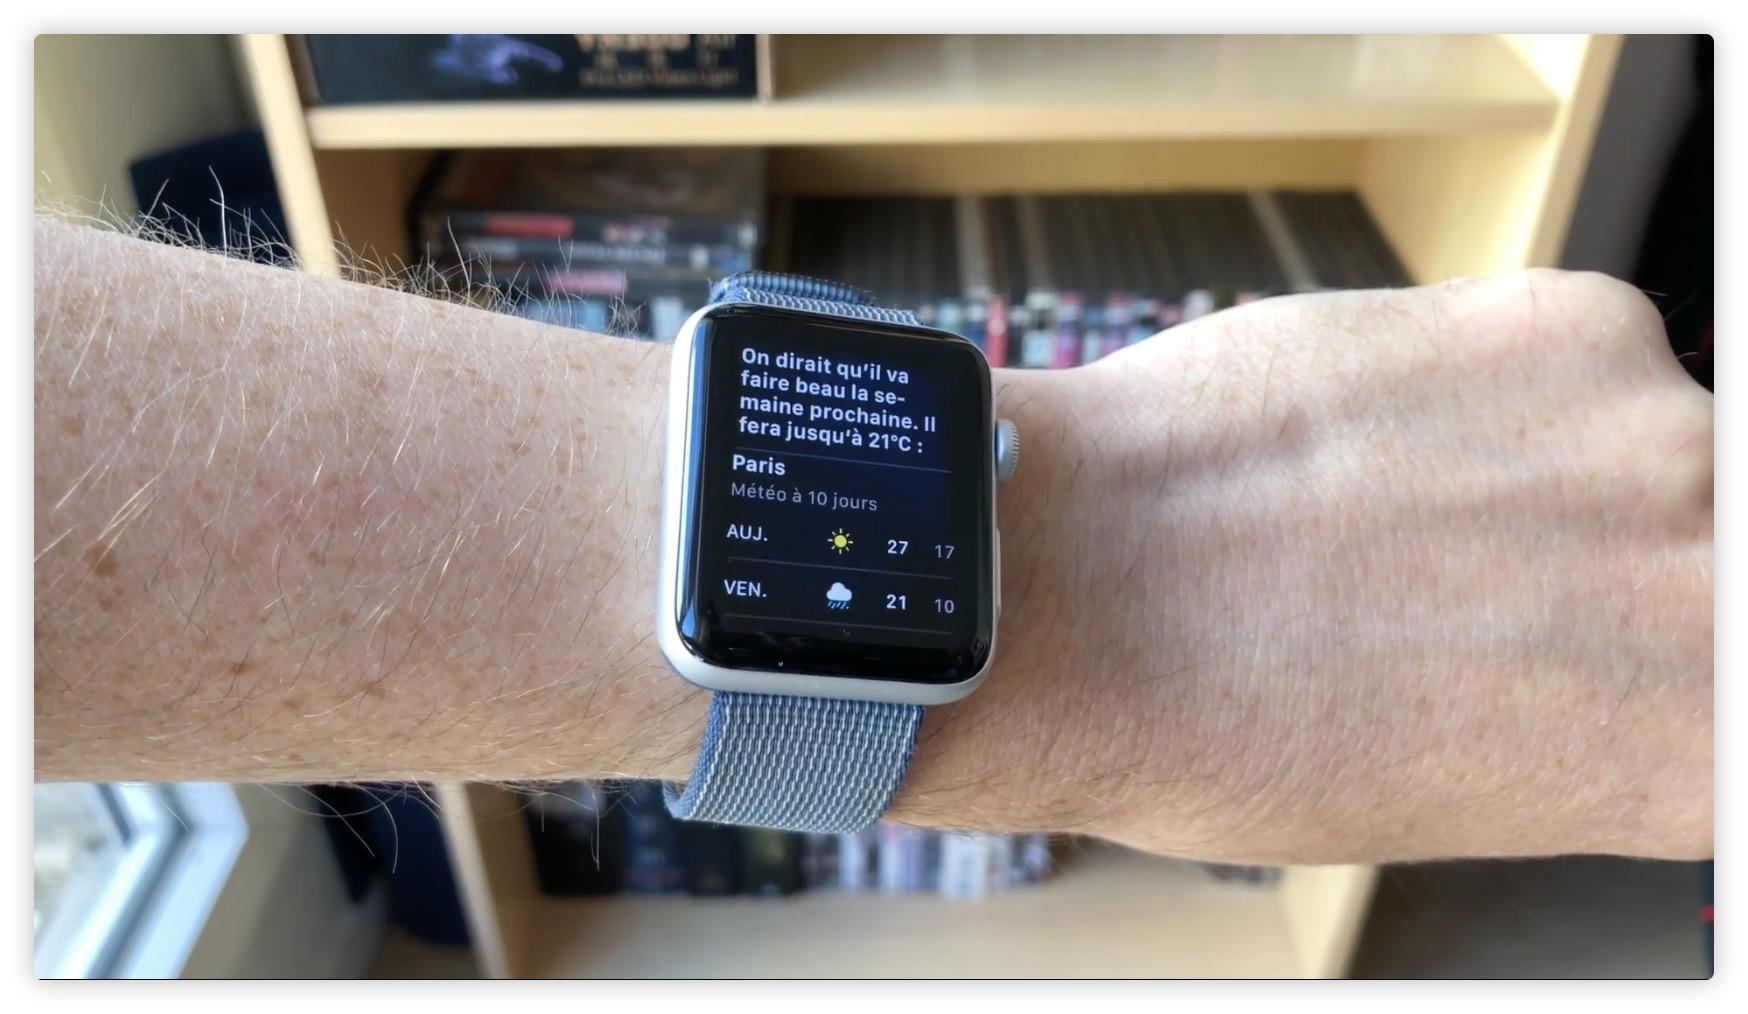 Tuto et vidéo Apple Watch : comment parler directement à Siri en levant le poignet (watchOS 5) 1